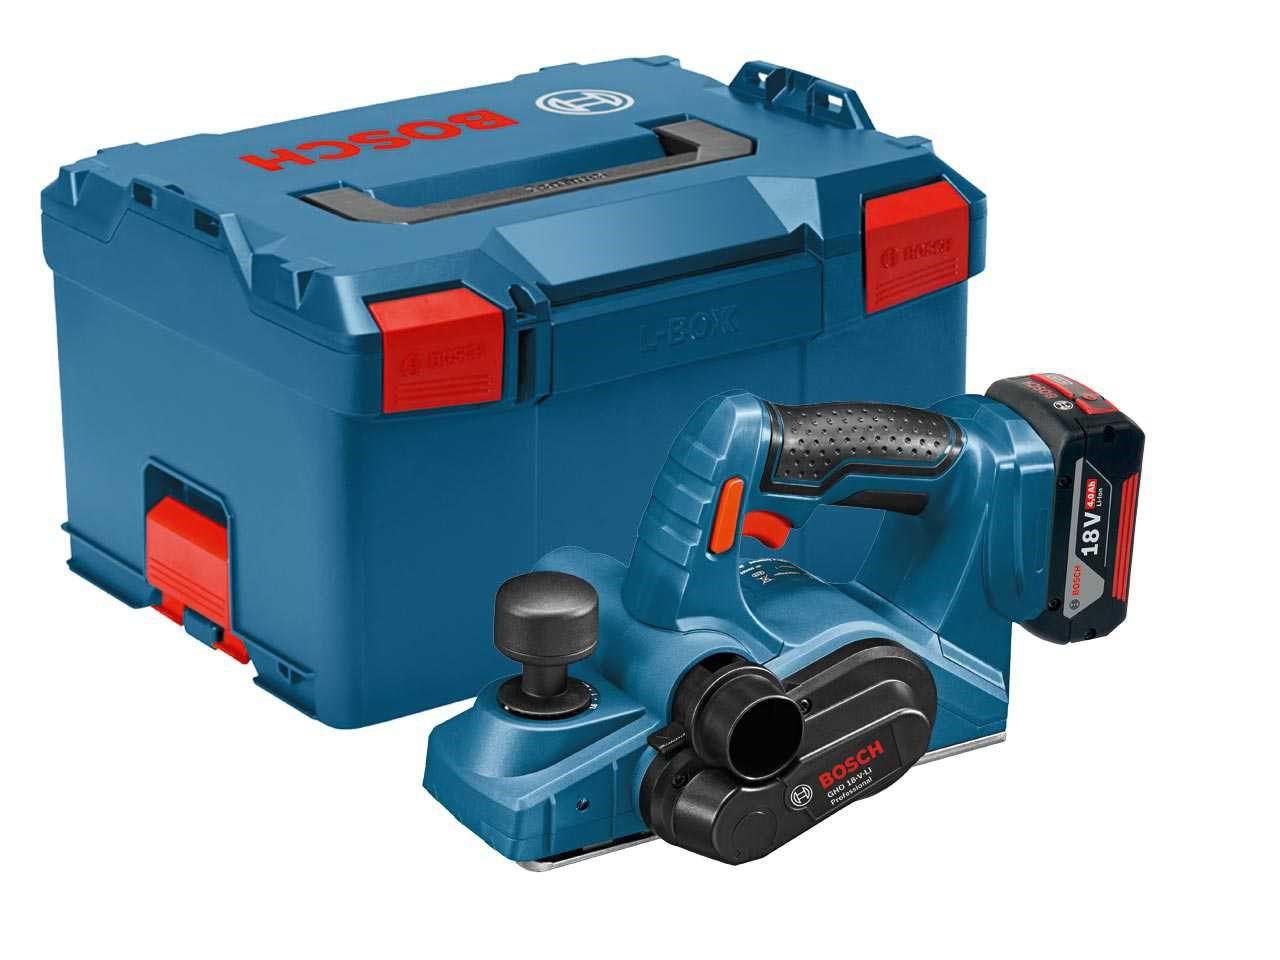 Plaina 82mm a Bateria GHO18V-LI + 2 Baterias 18V e Carregador – Bosch